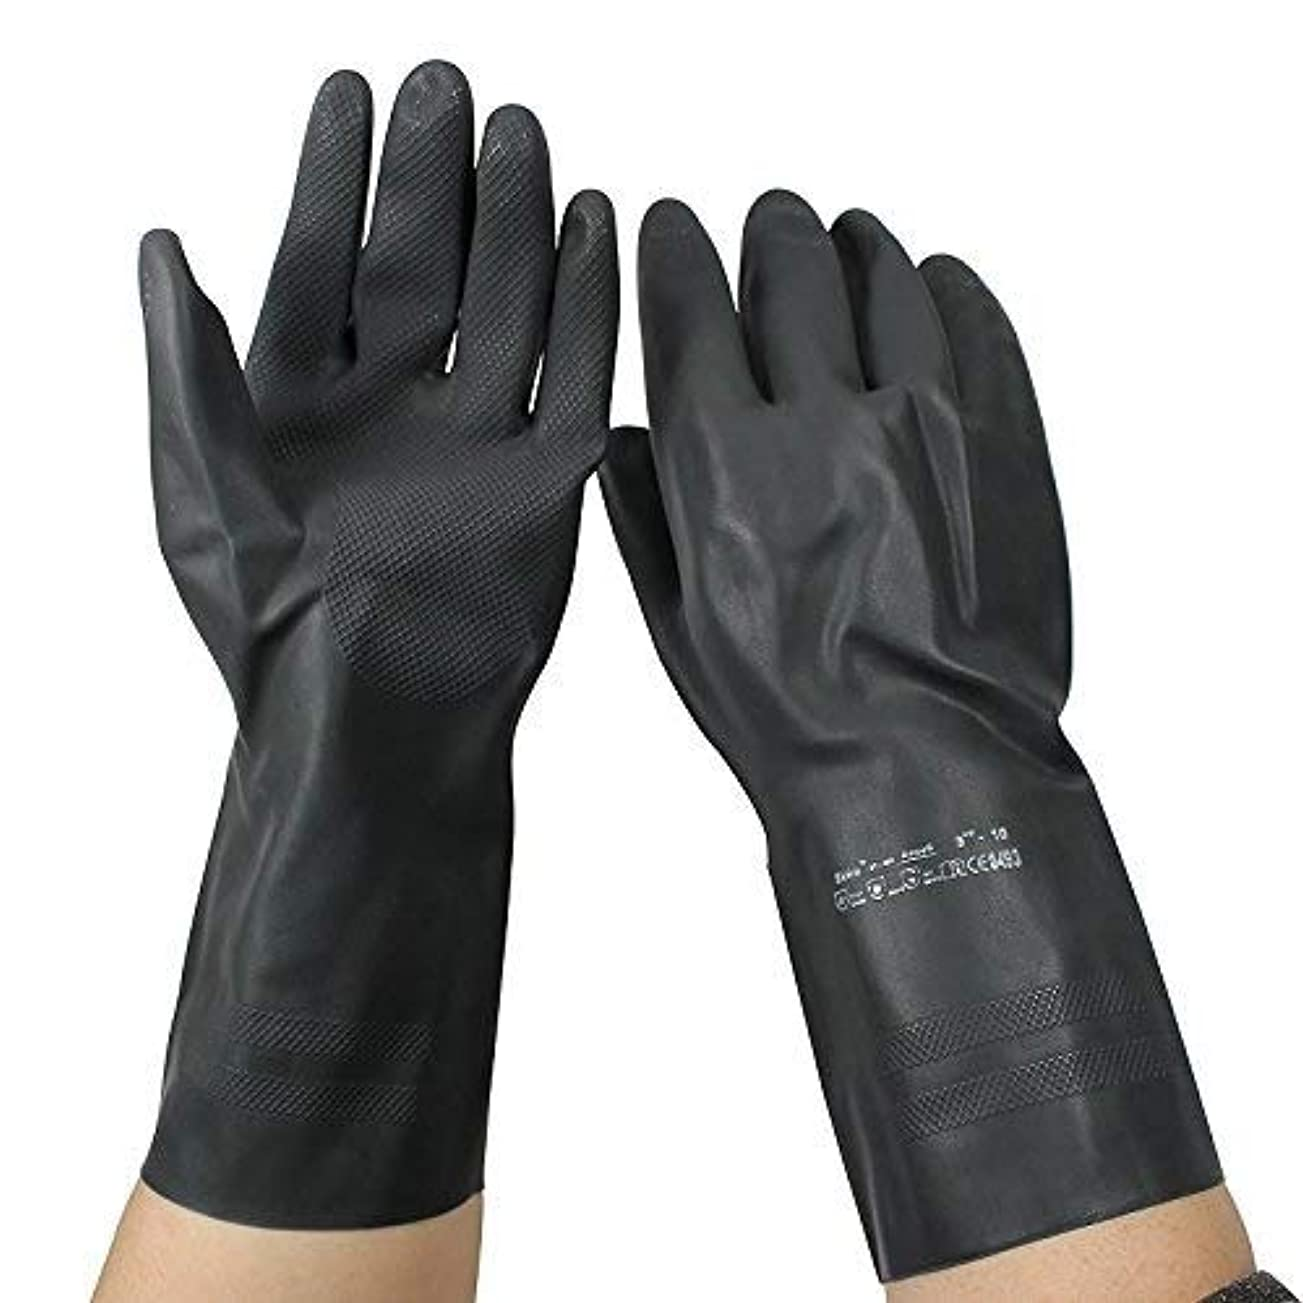 反対する積極的に賭けFJFSC ゴム手袋/溶接断熱労働保護手袋